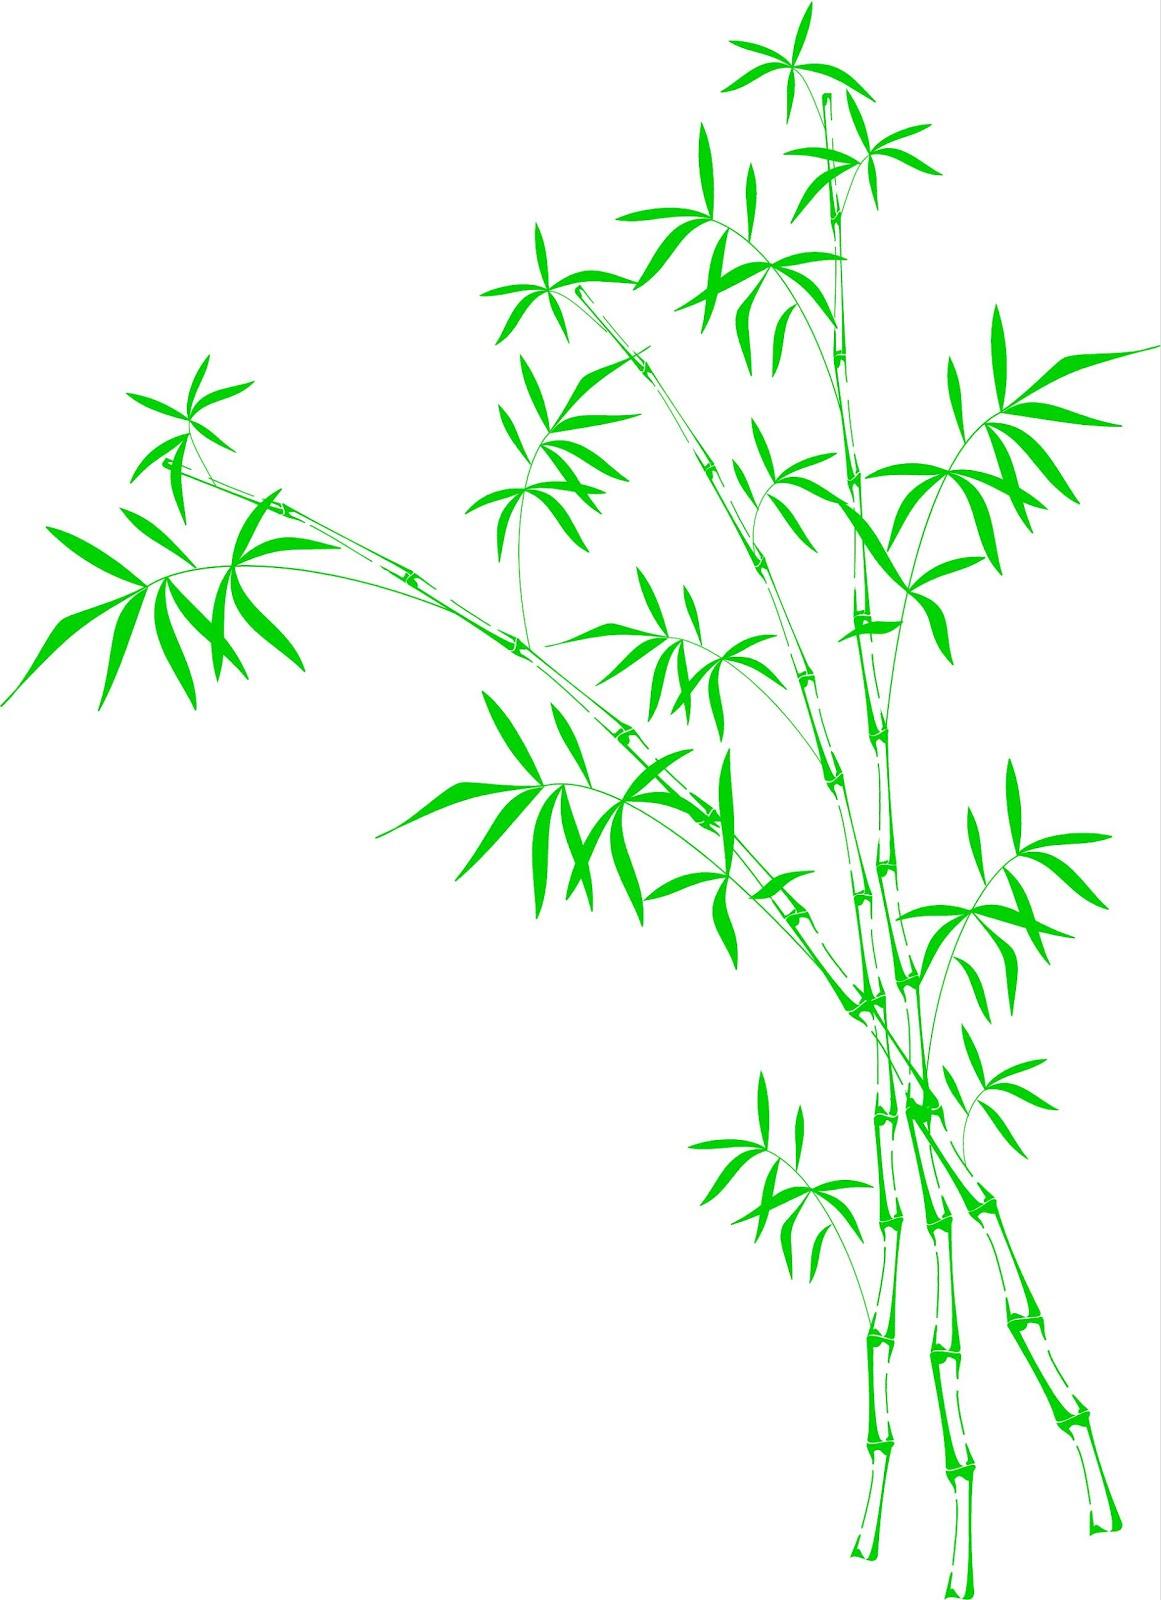 http://1.bp.blogspot.com/-ZtvzP97rcqE/T1aAZ96HfsI/AAAAAAAAAko/jk3XwWc4fIM/s1600/bambu+1.jpg